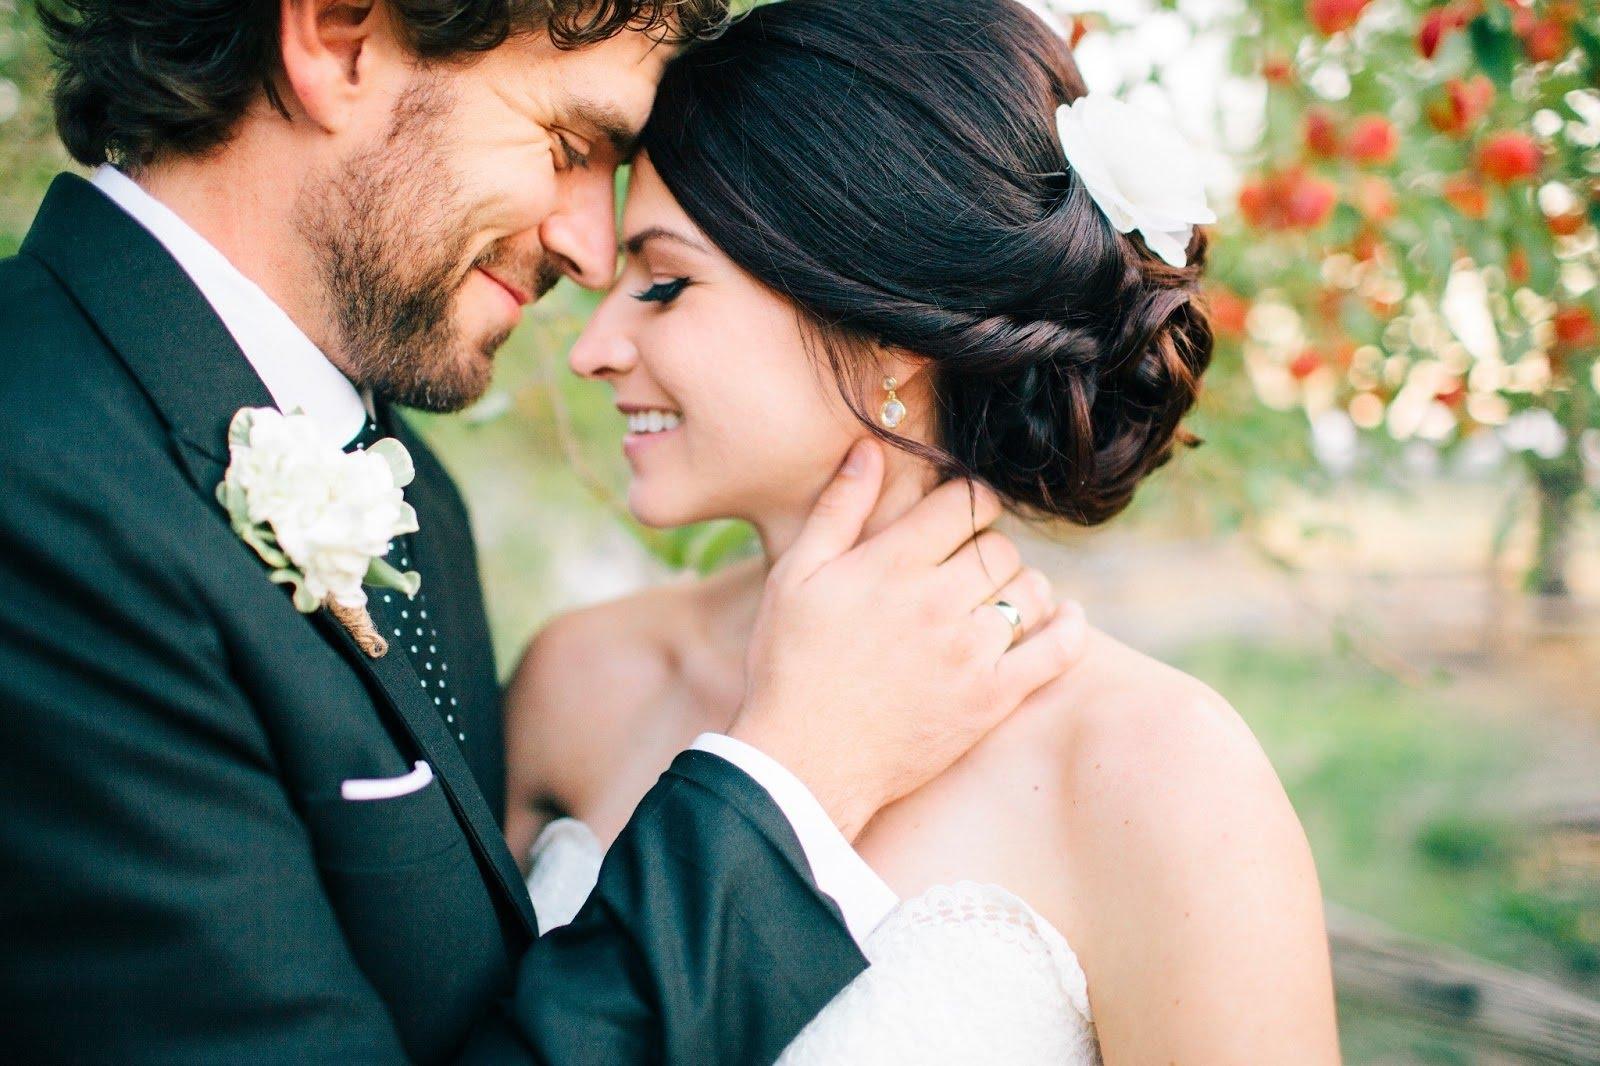 Фото женщины замужней 8 фотография